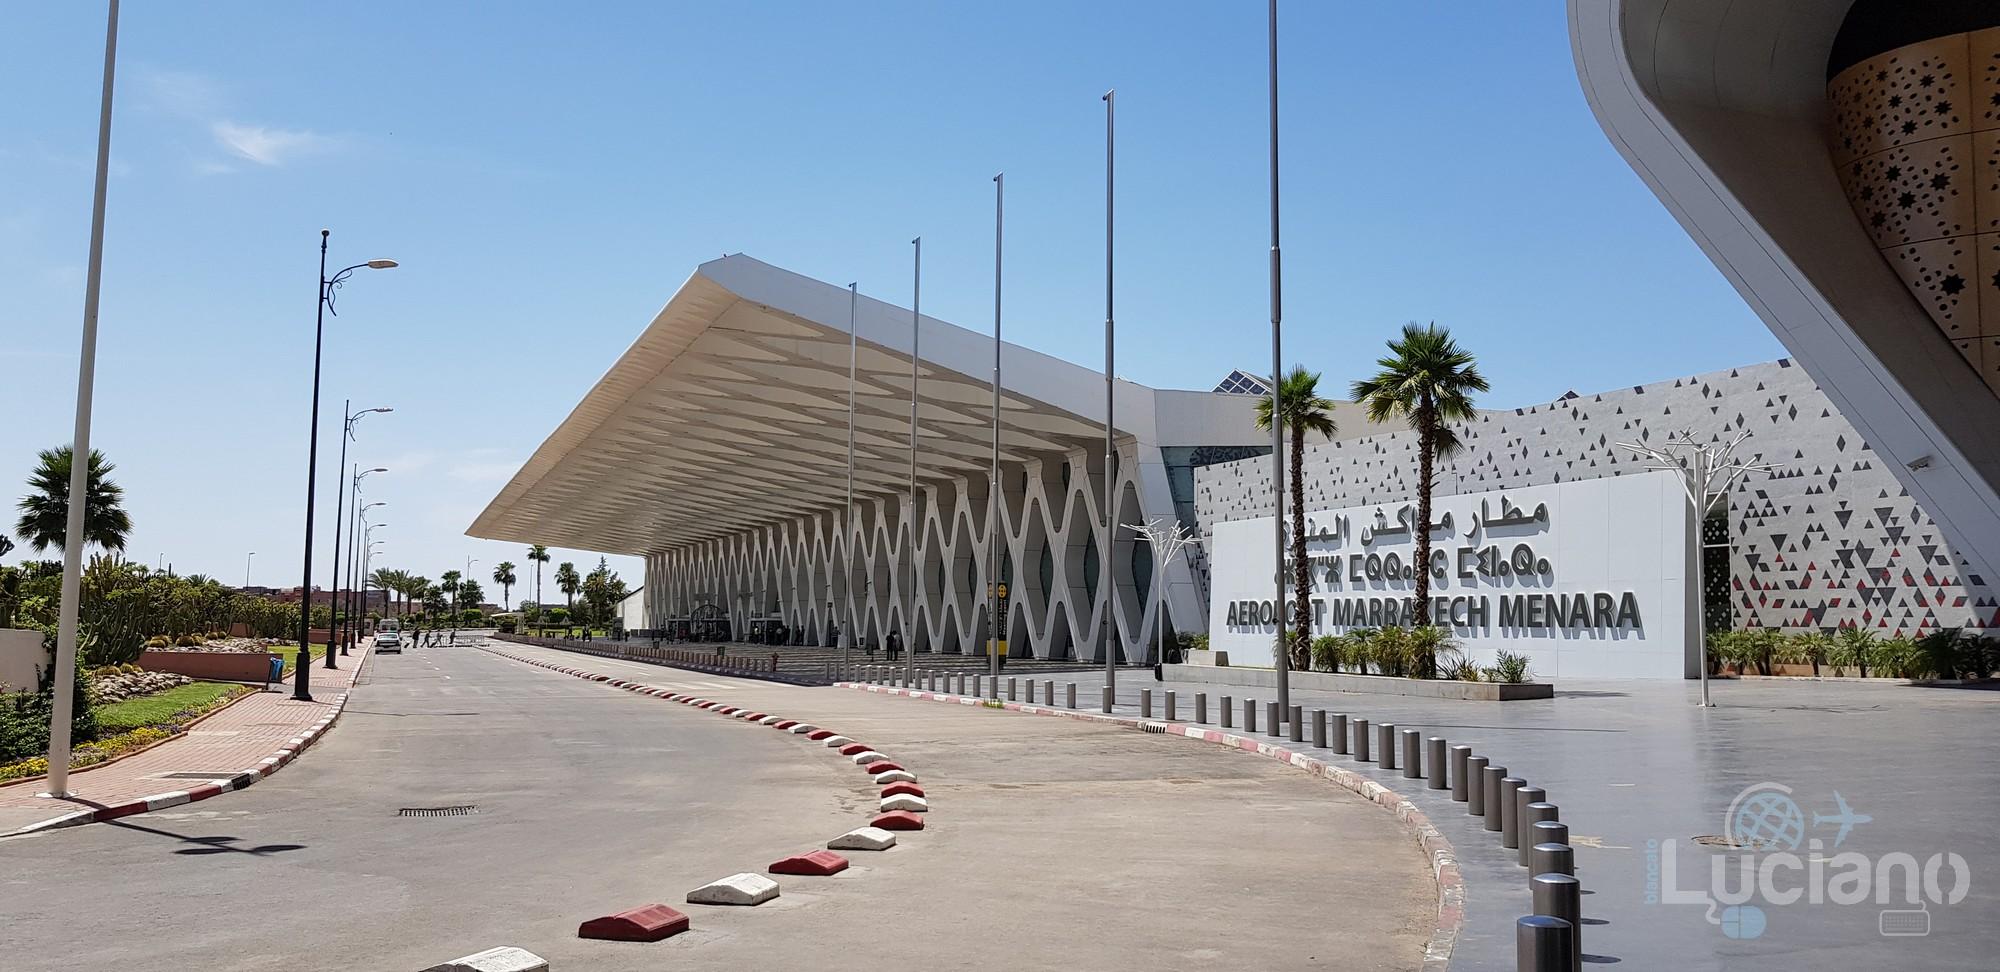 Come andare dall'aeroporto di Marrakech (RAK) al centro